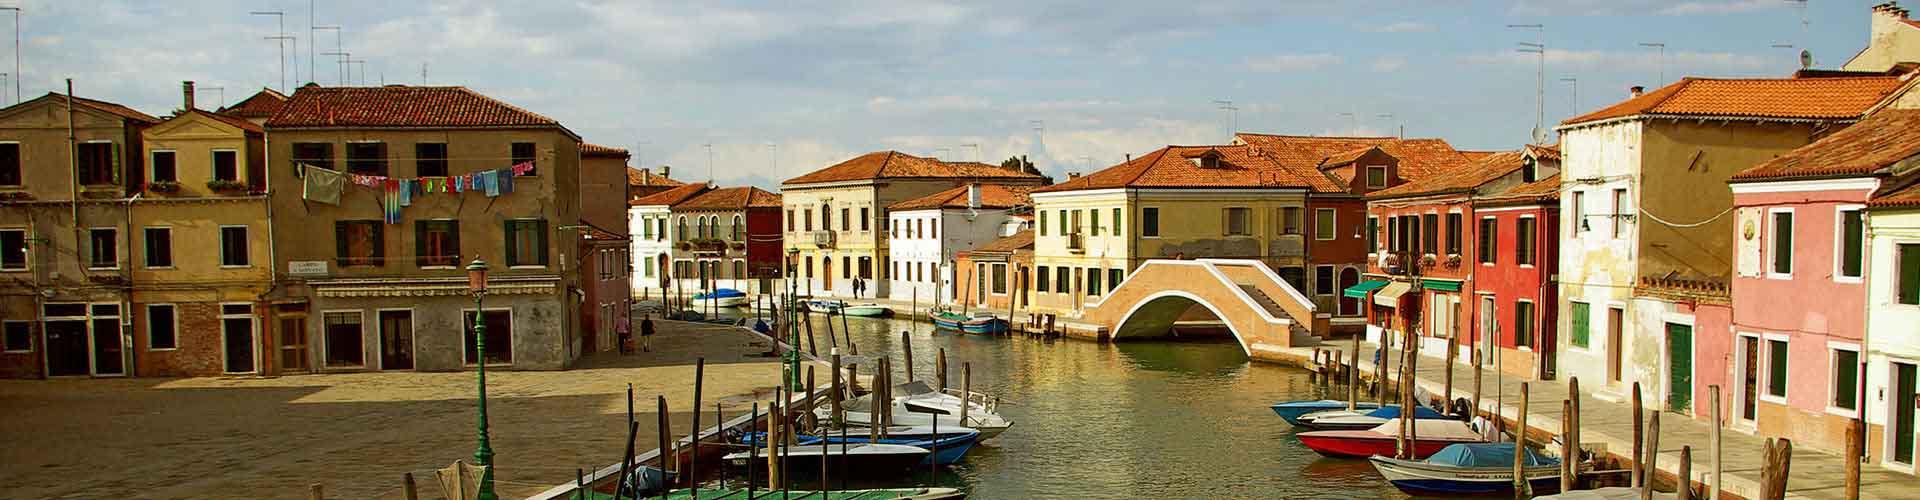 Venecia Mestre - Hostales en el distrito Distrito Carpenedo Bissuola. Mapas de Venecia Mestre, Fotos y comentarios de cada Hostal en Venecia Mestre.